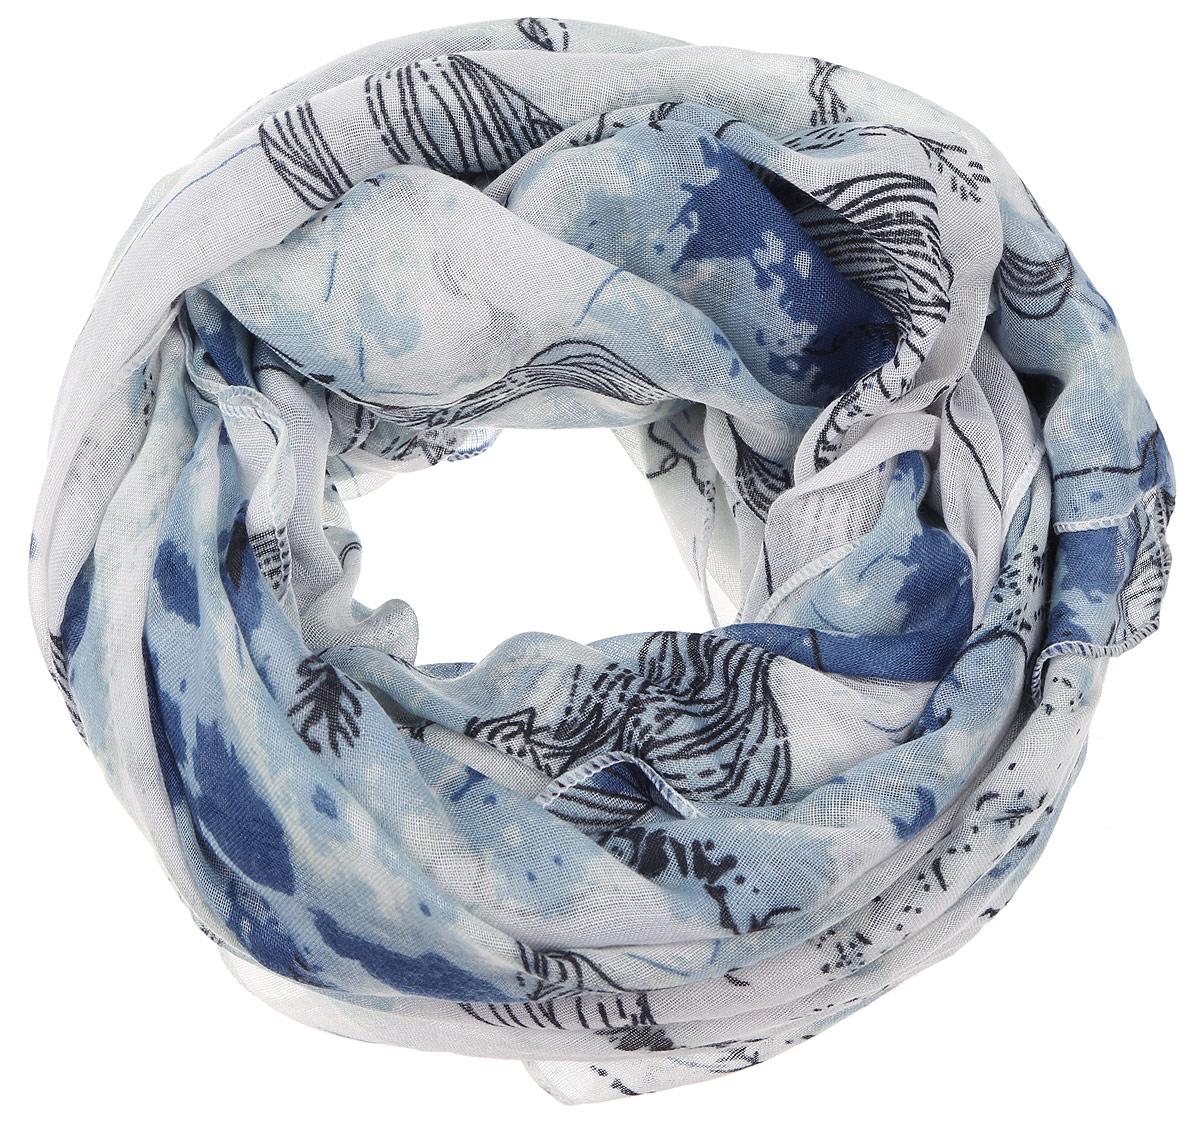 Палантин Sophie Ramage, цвет: синий, голубой. YY-11656-3. Размер 90 см х 180 смYY-11656-3Элегантный палантин Sophie Ramage изготовлен из высококачественного модала с добавлением шерсти. Оформлена модель стильным цветочным принтом. Палантин красиво драпируется, он превосходно дополнит любой наряд и подчеркнет ваш изысканный вкус.